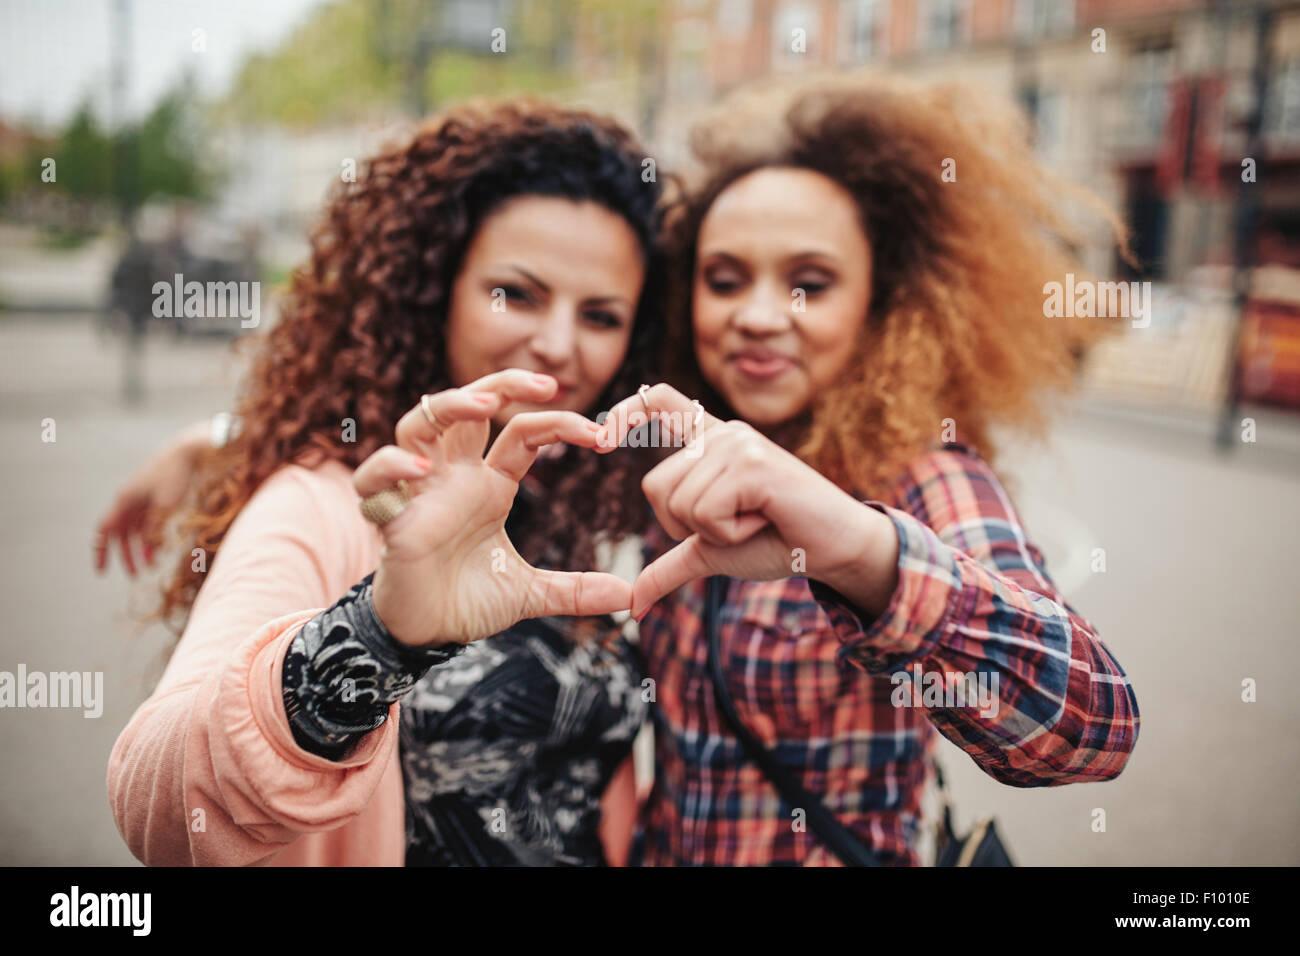 Happy young female friends en forme de coeur avec les mains et les doigts. Deux femmes se tenant ensemble à Photo Stock